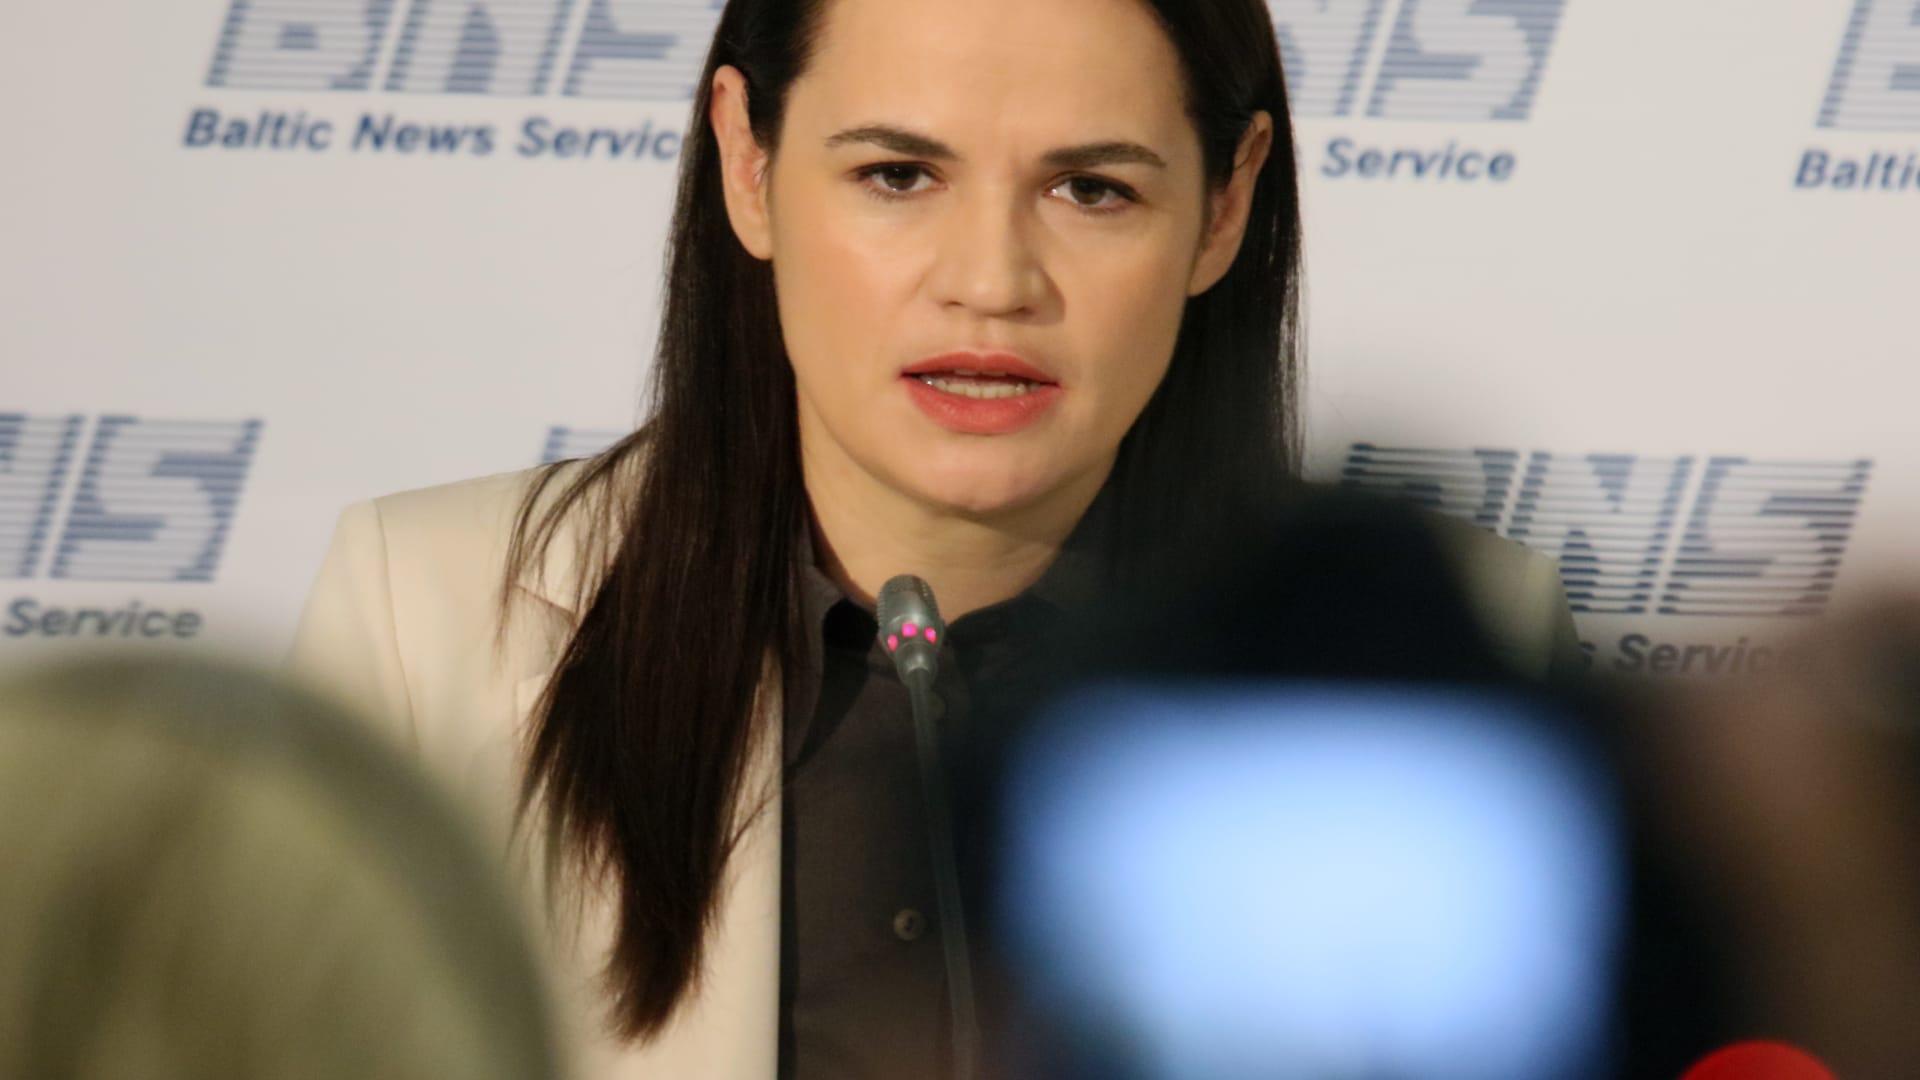 تيكانوفسكايا: لن أترشح مجددًا للانتخابات الرئاسية في بيلاروسيا